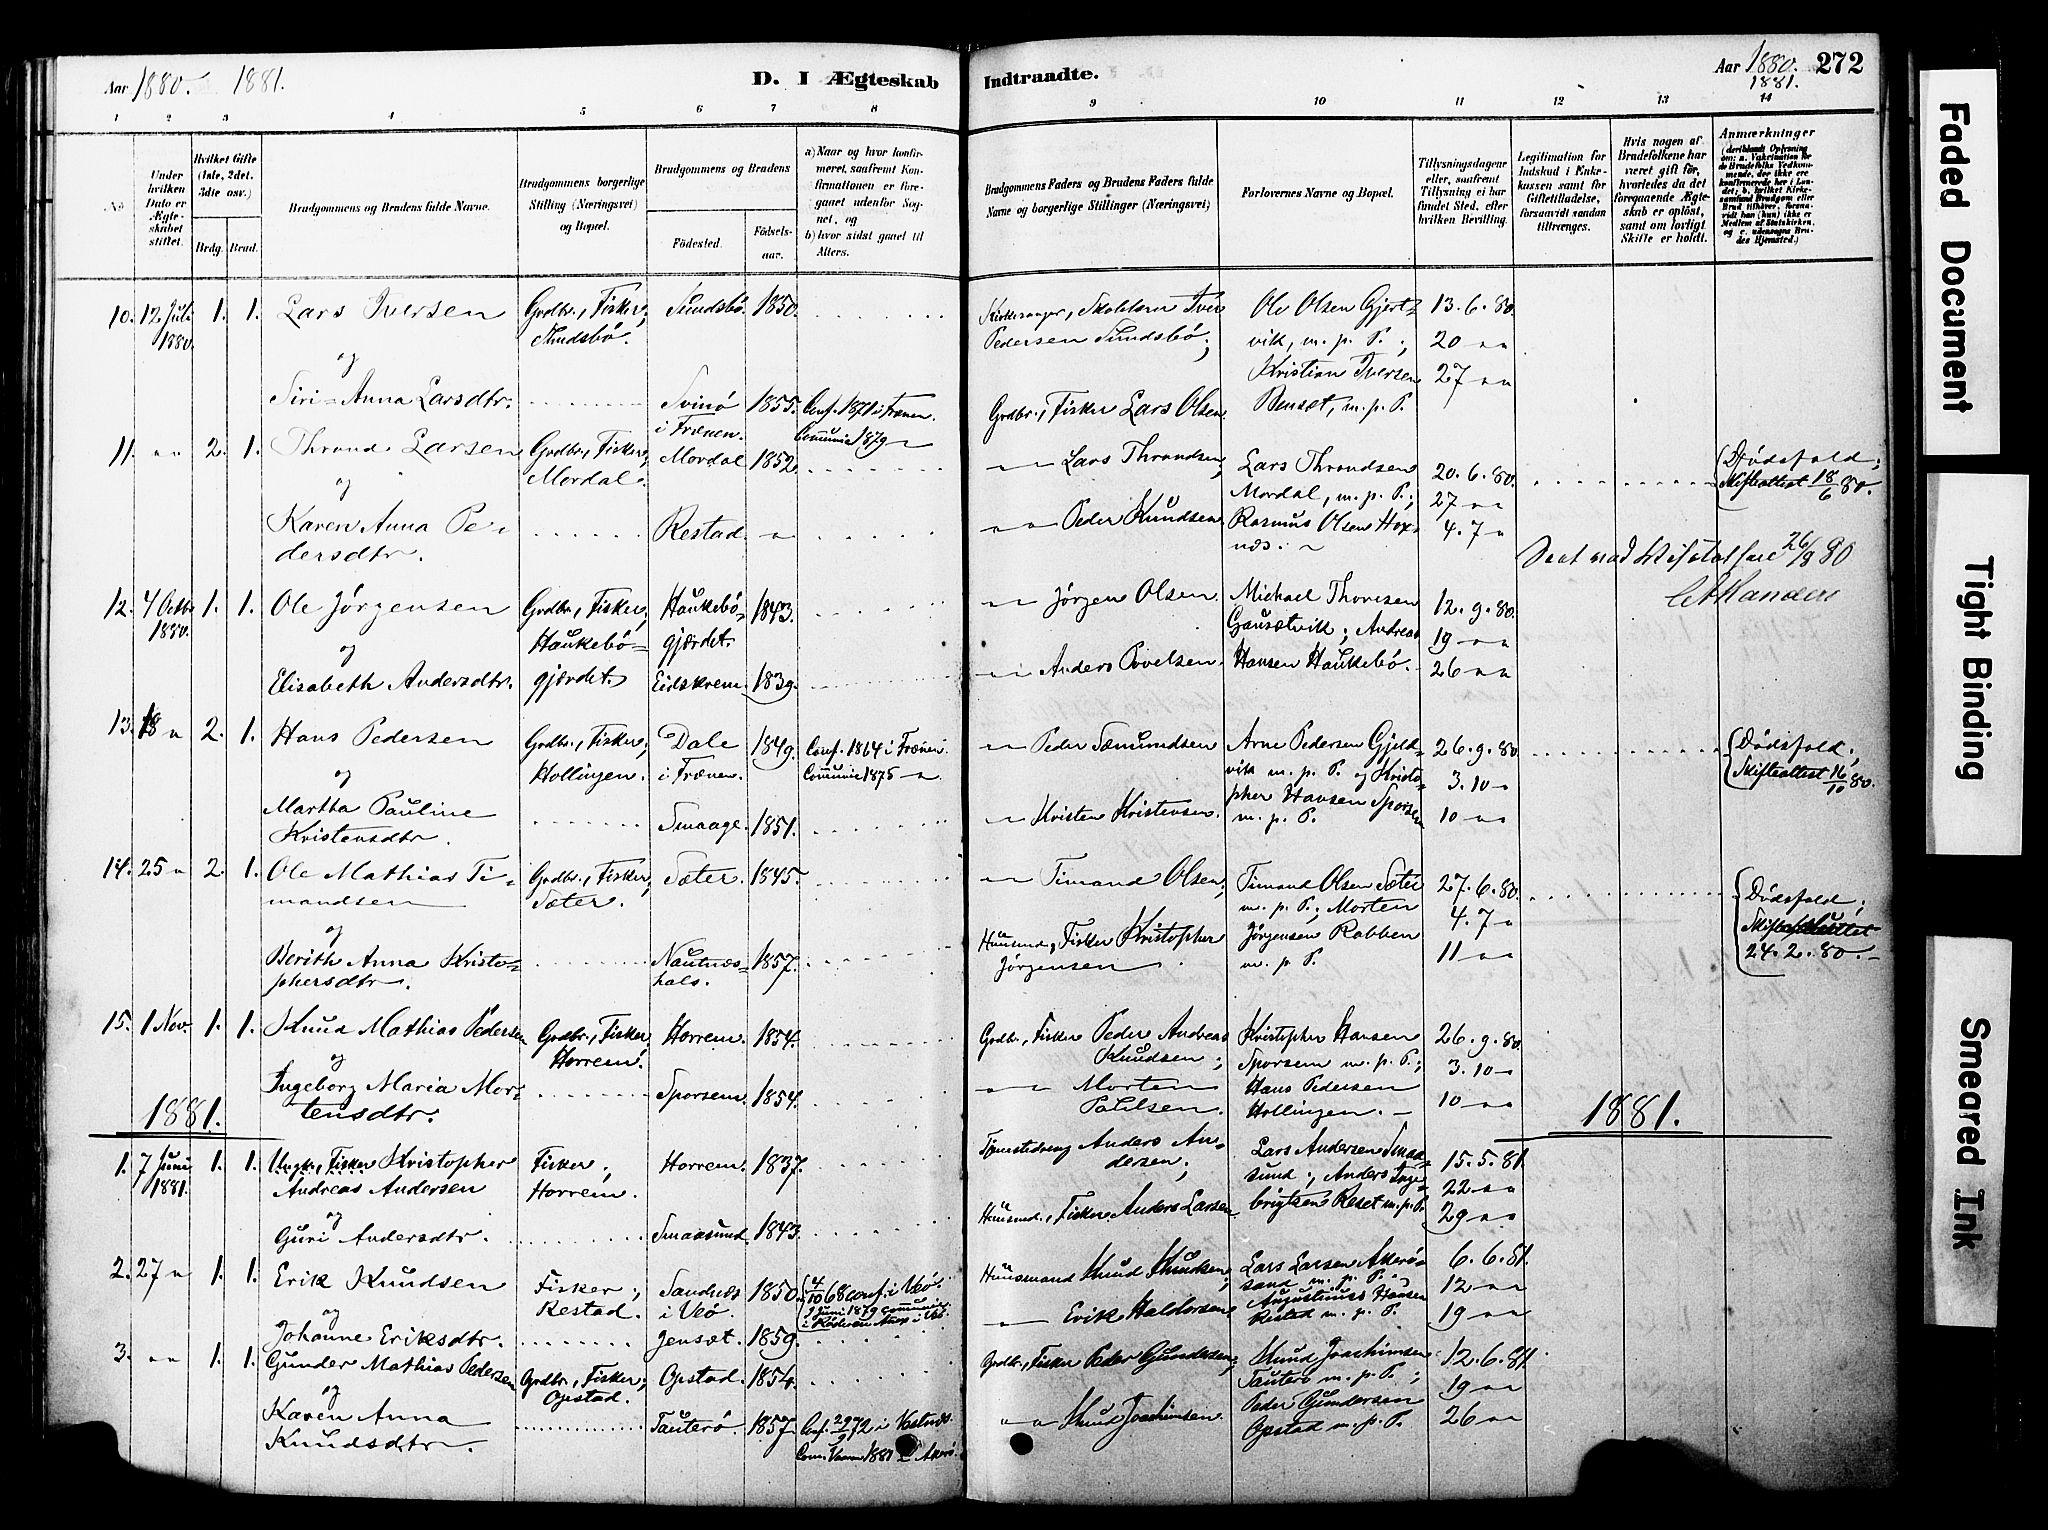 SAT, Ministerialprotokoller, klokkerbøker og fødselsregistre - Møre og Romsdal, 560/L0721: Ministerialbok nr. 560A05, 1878-1917, s. 272